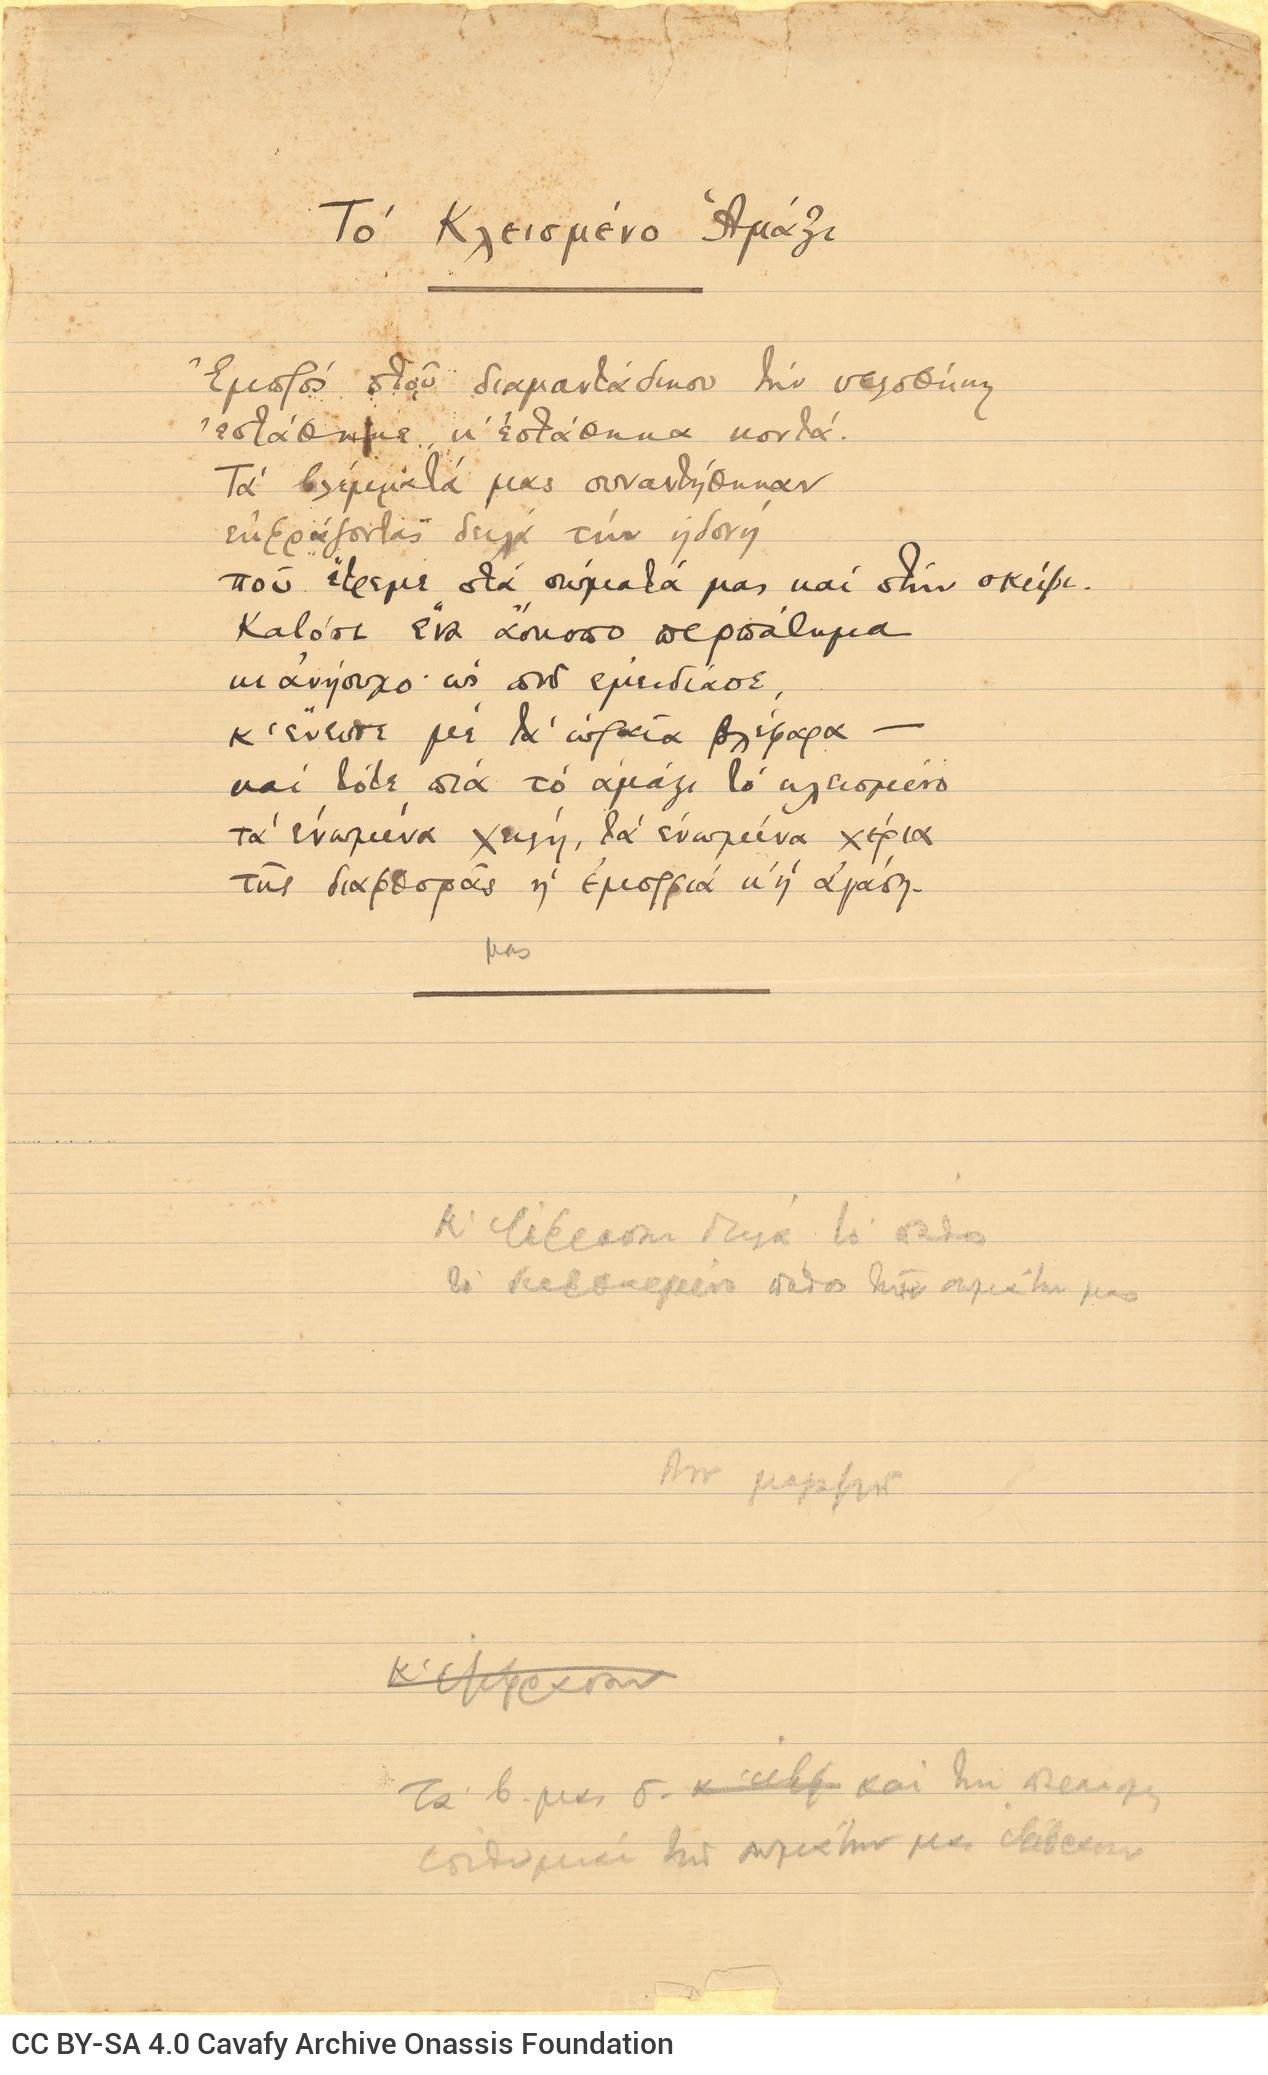 Χειρόγραφο του ποιήματος «Το Κλεισμένο Αμάξι» και σημειώσεις στο �